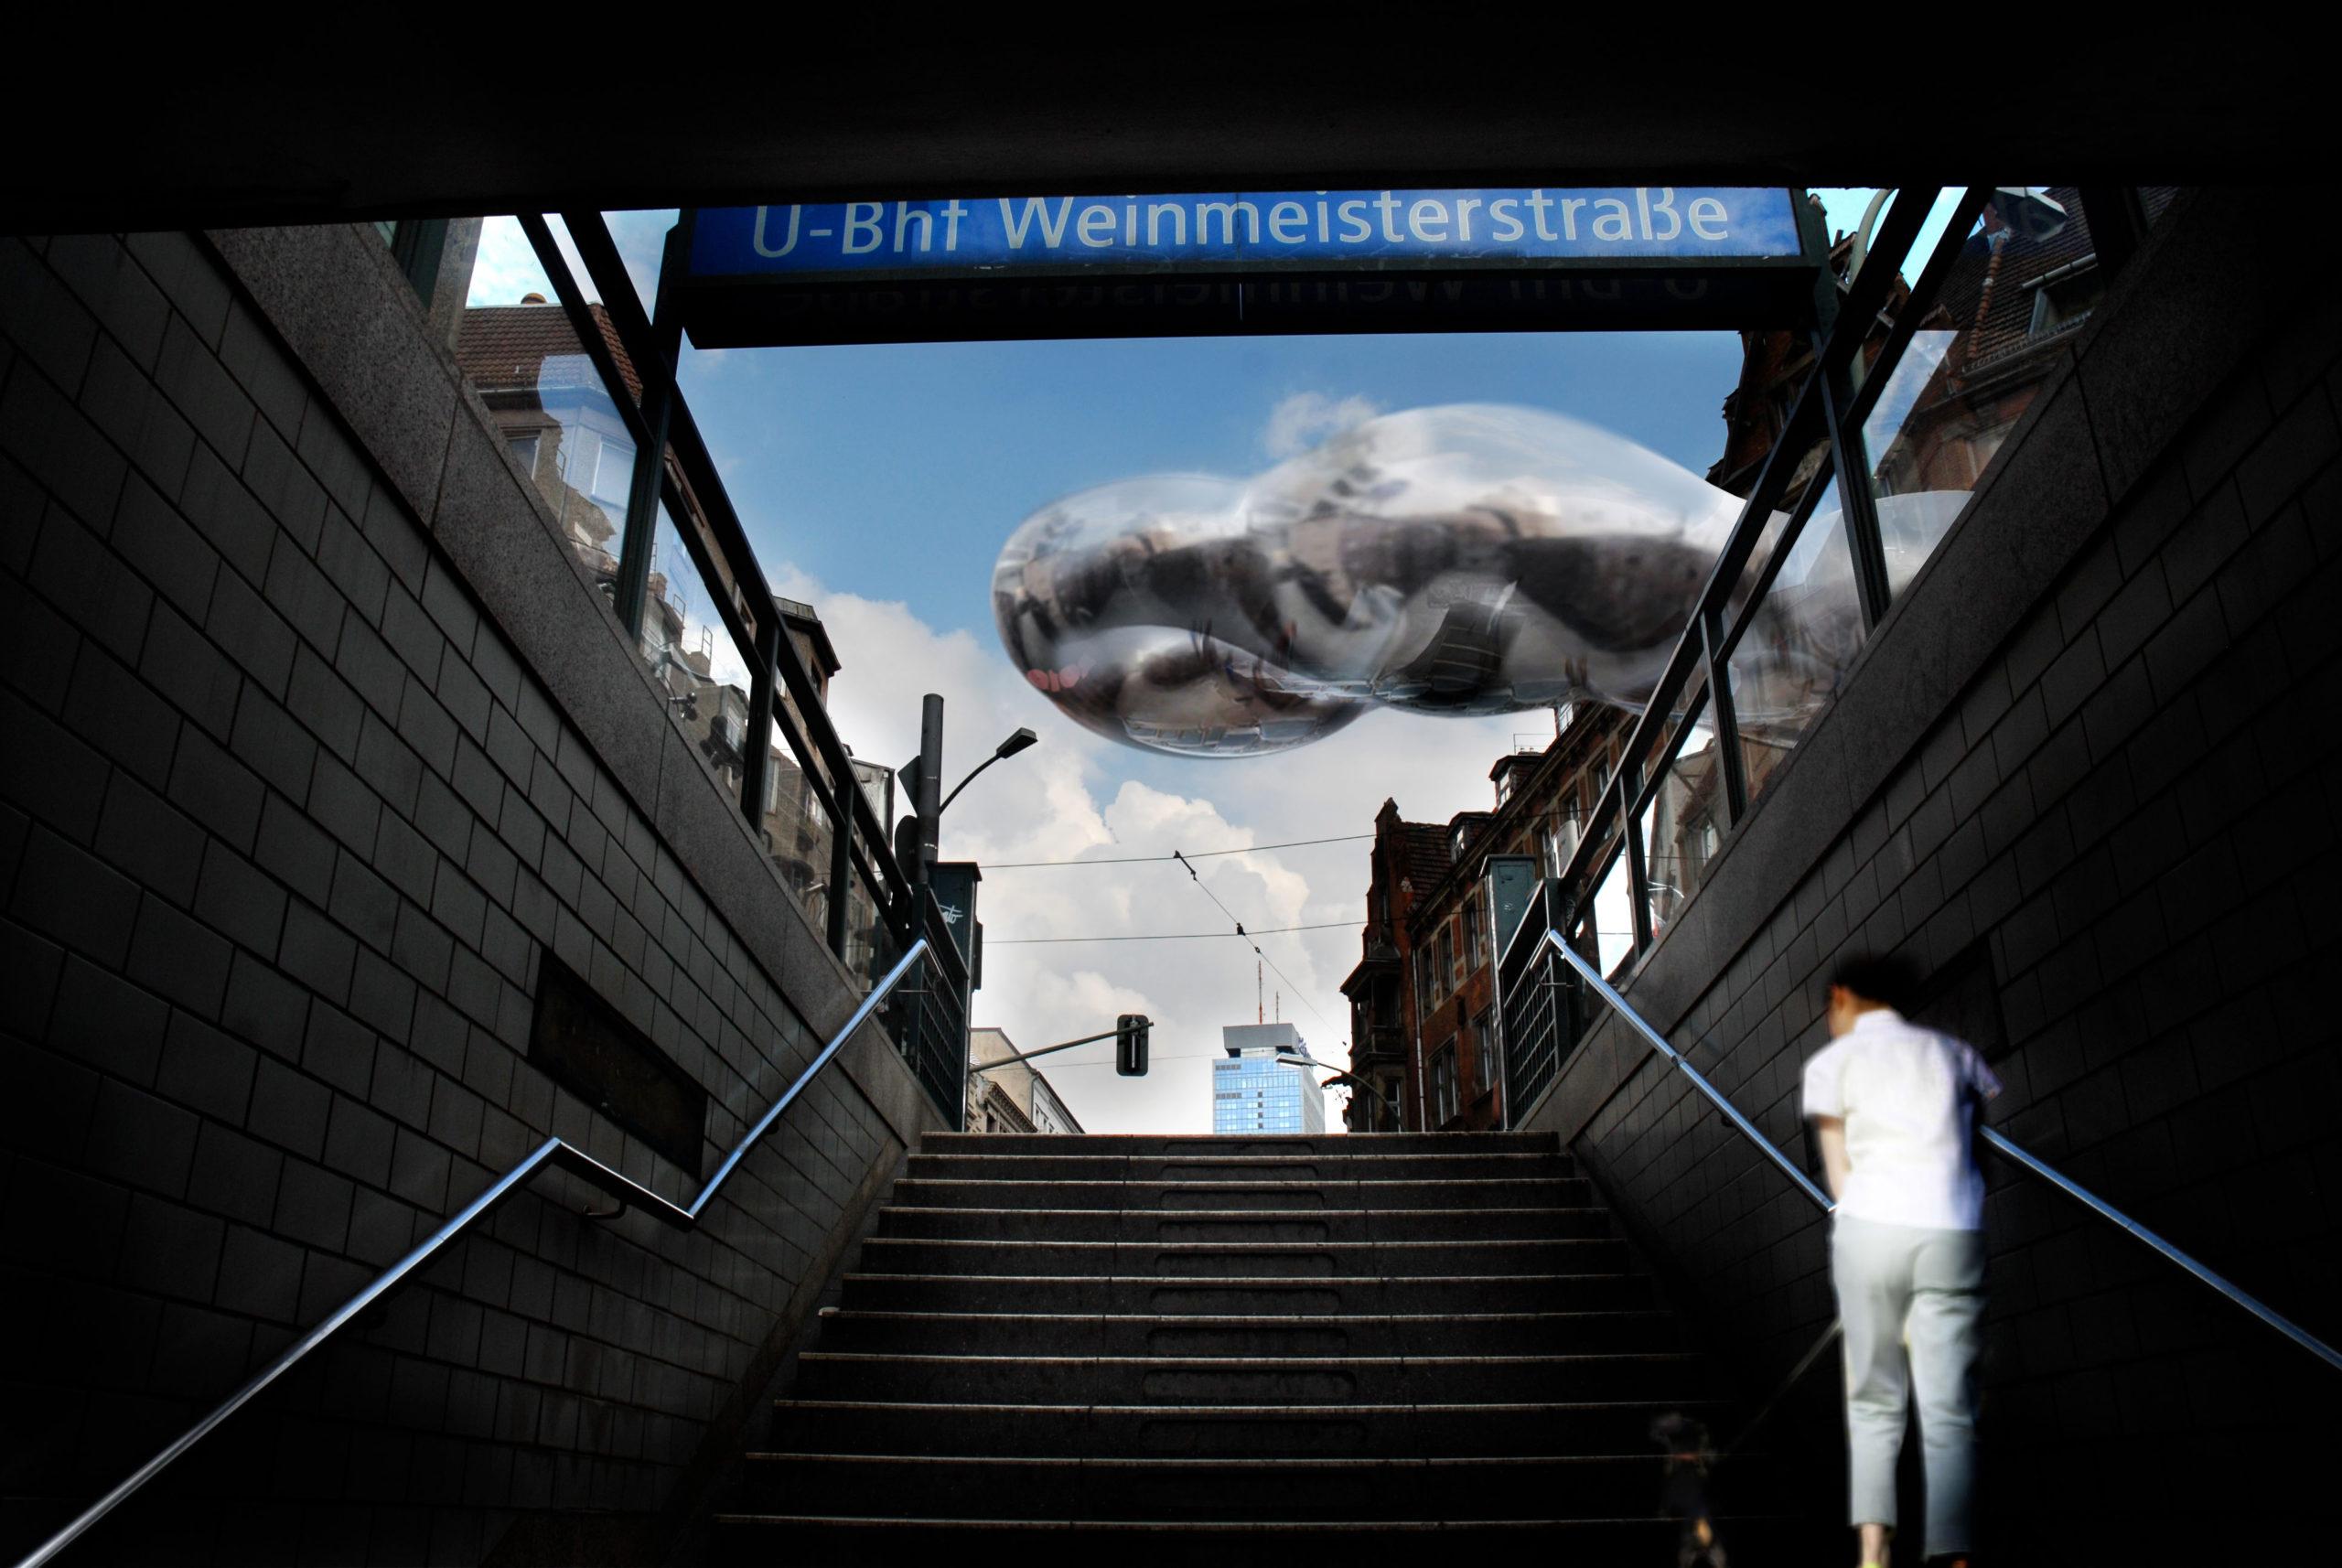 cloud-from-ubahn